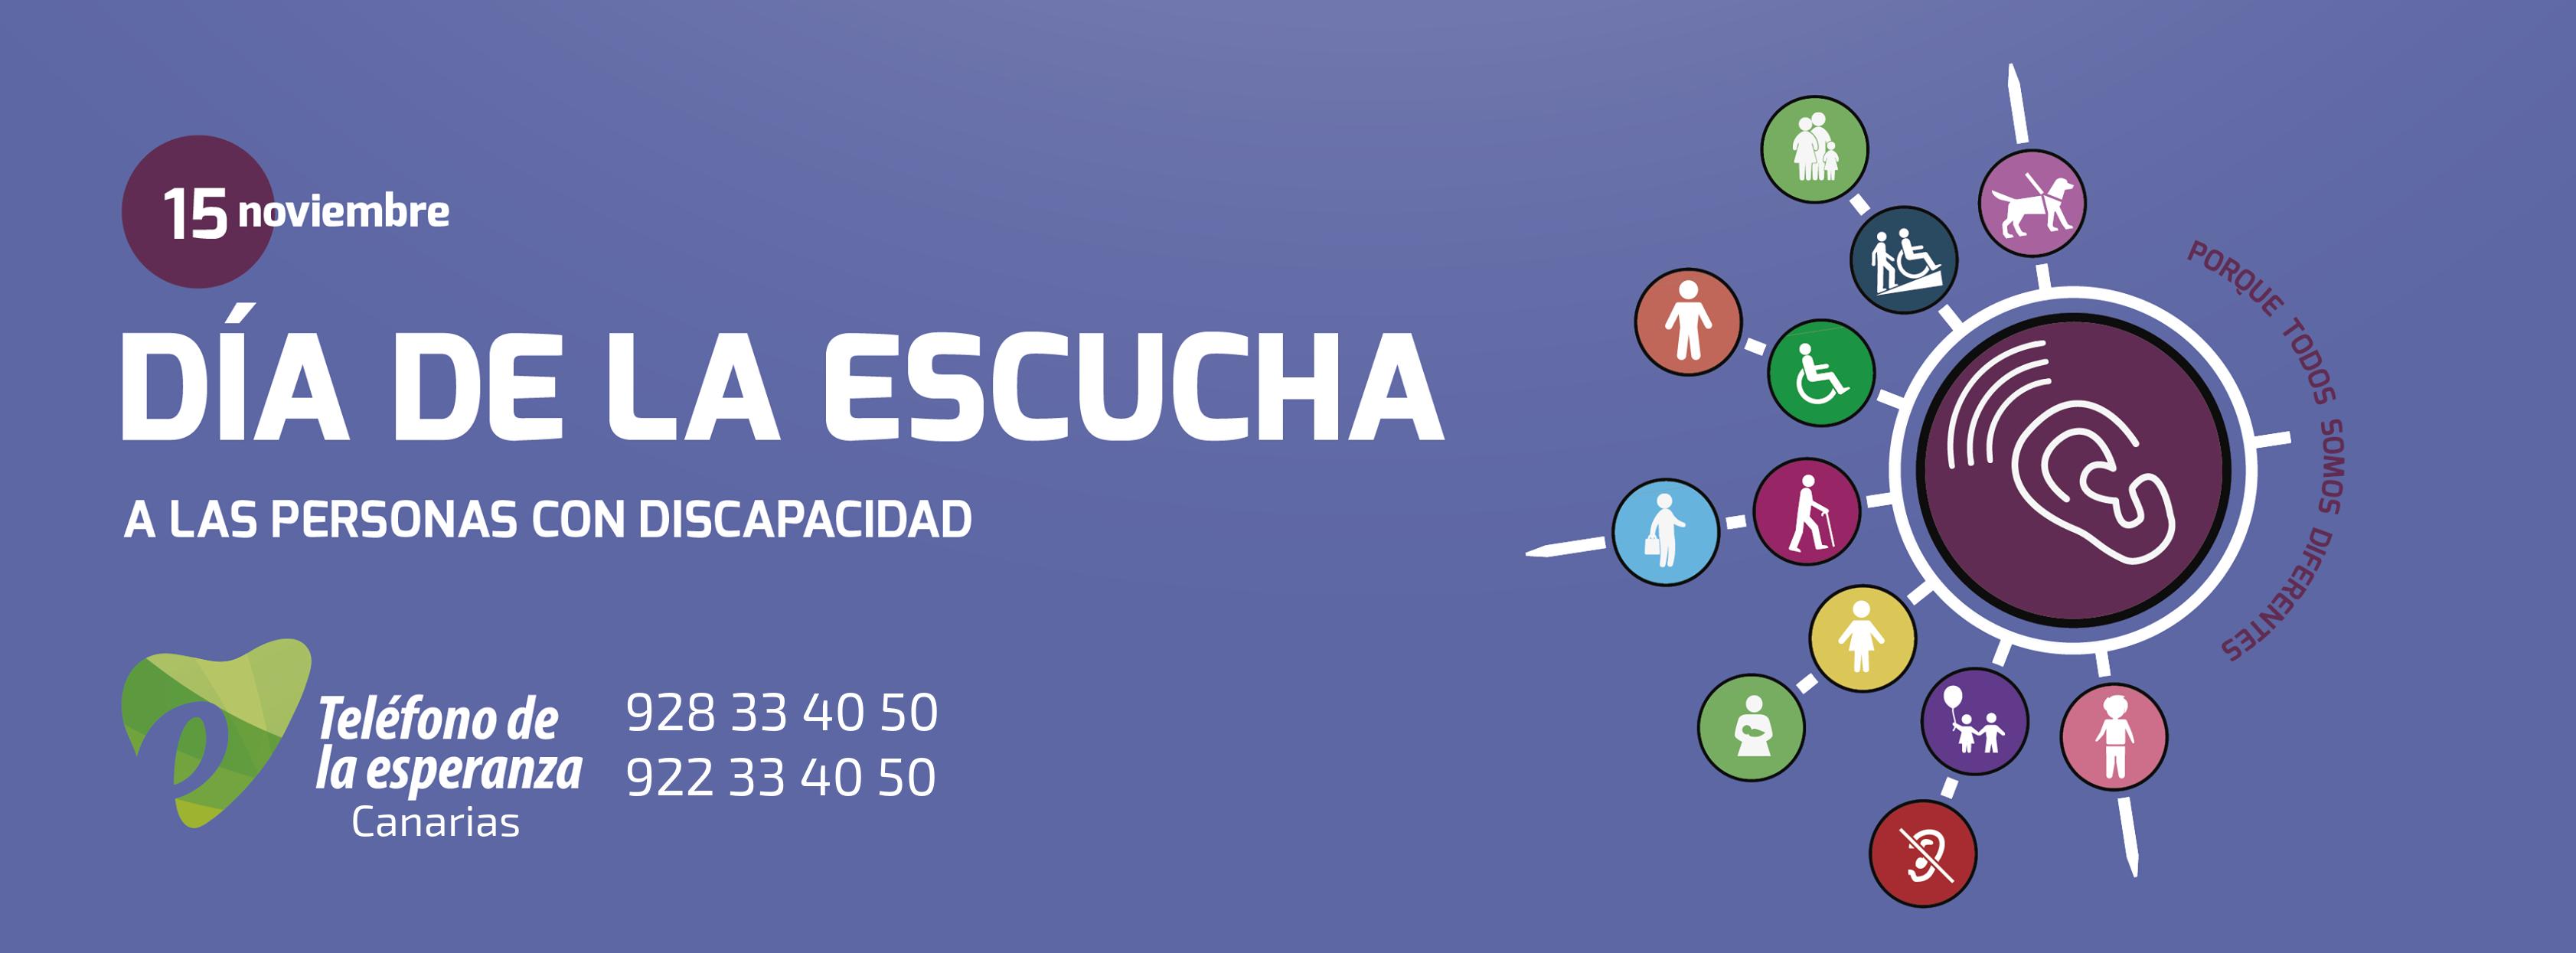 CABECERA FACEBOOK DIA DE LA ESCUCHA